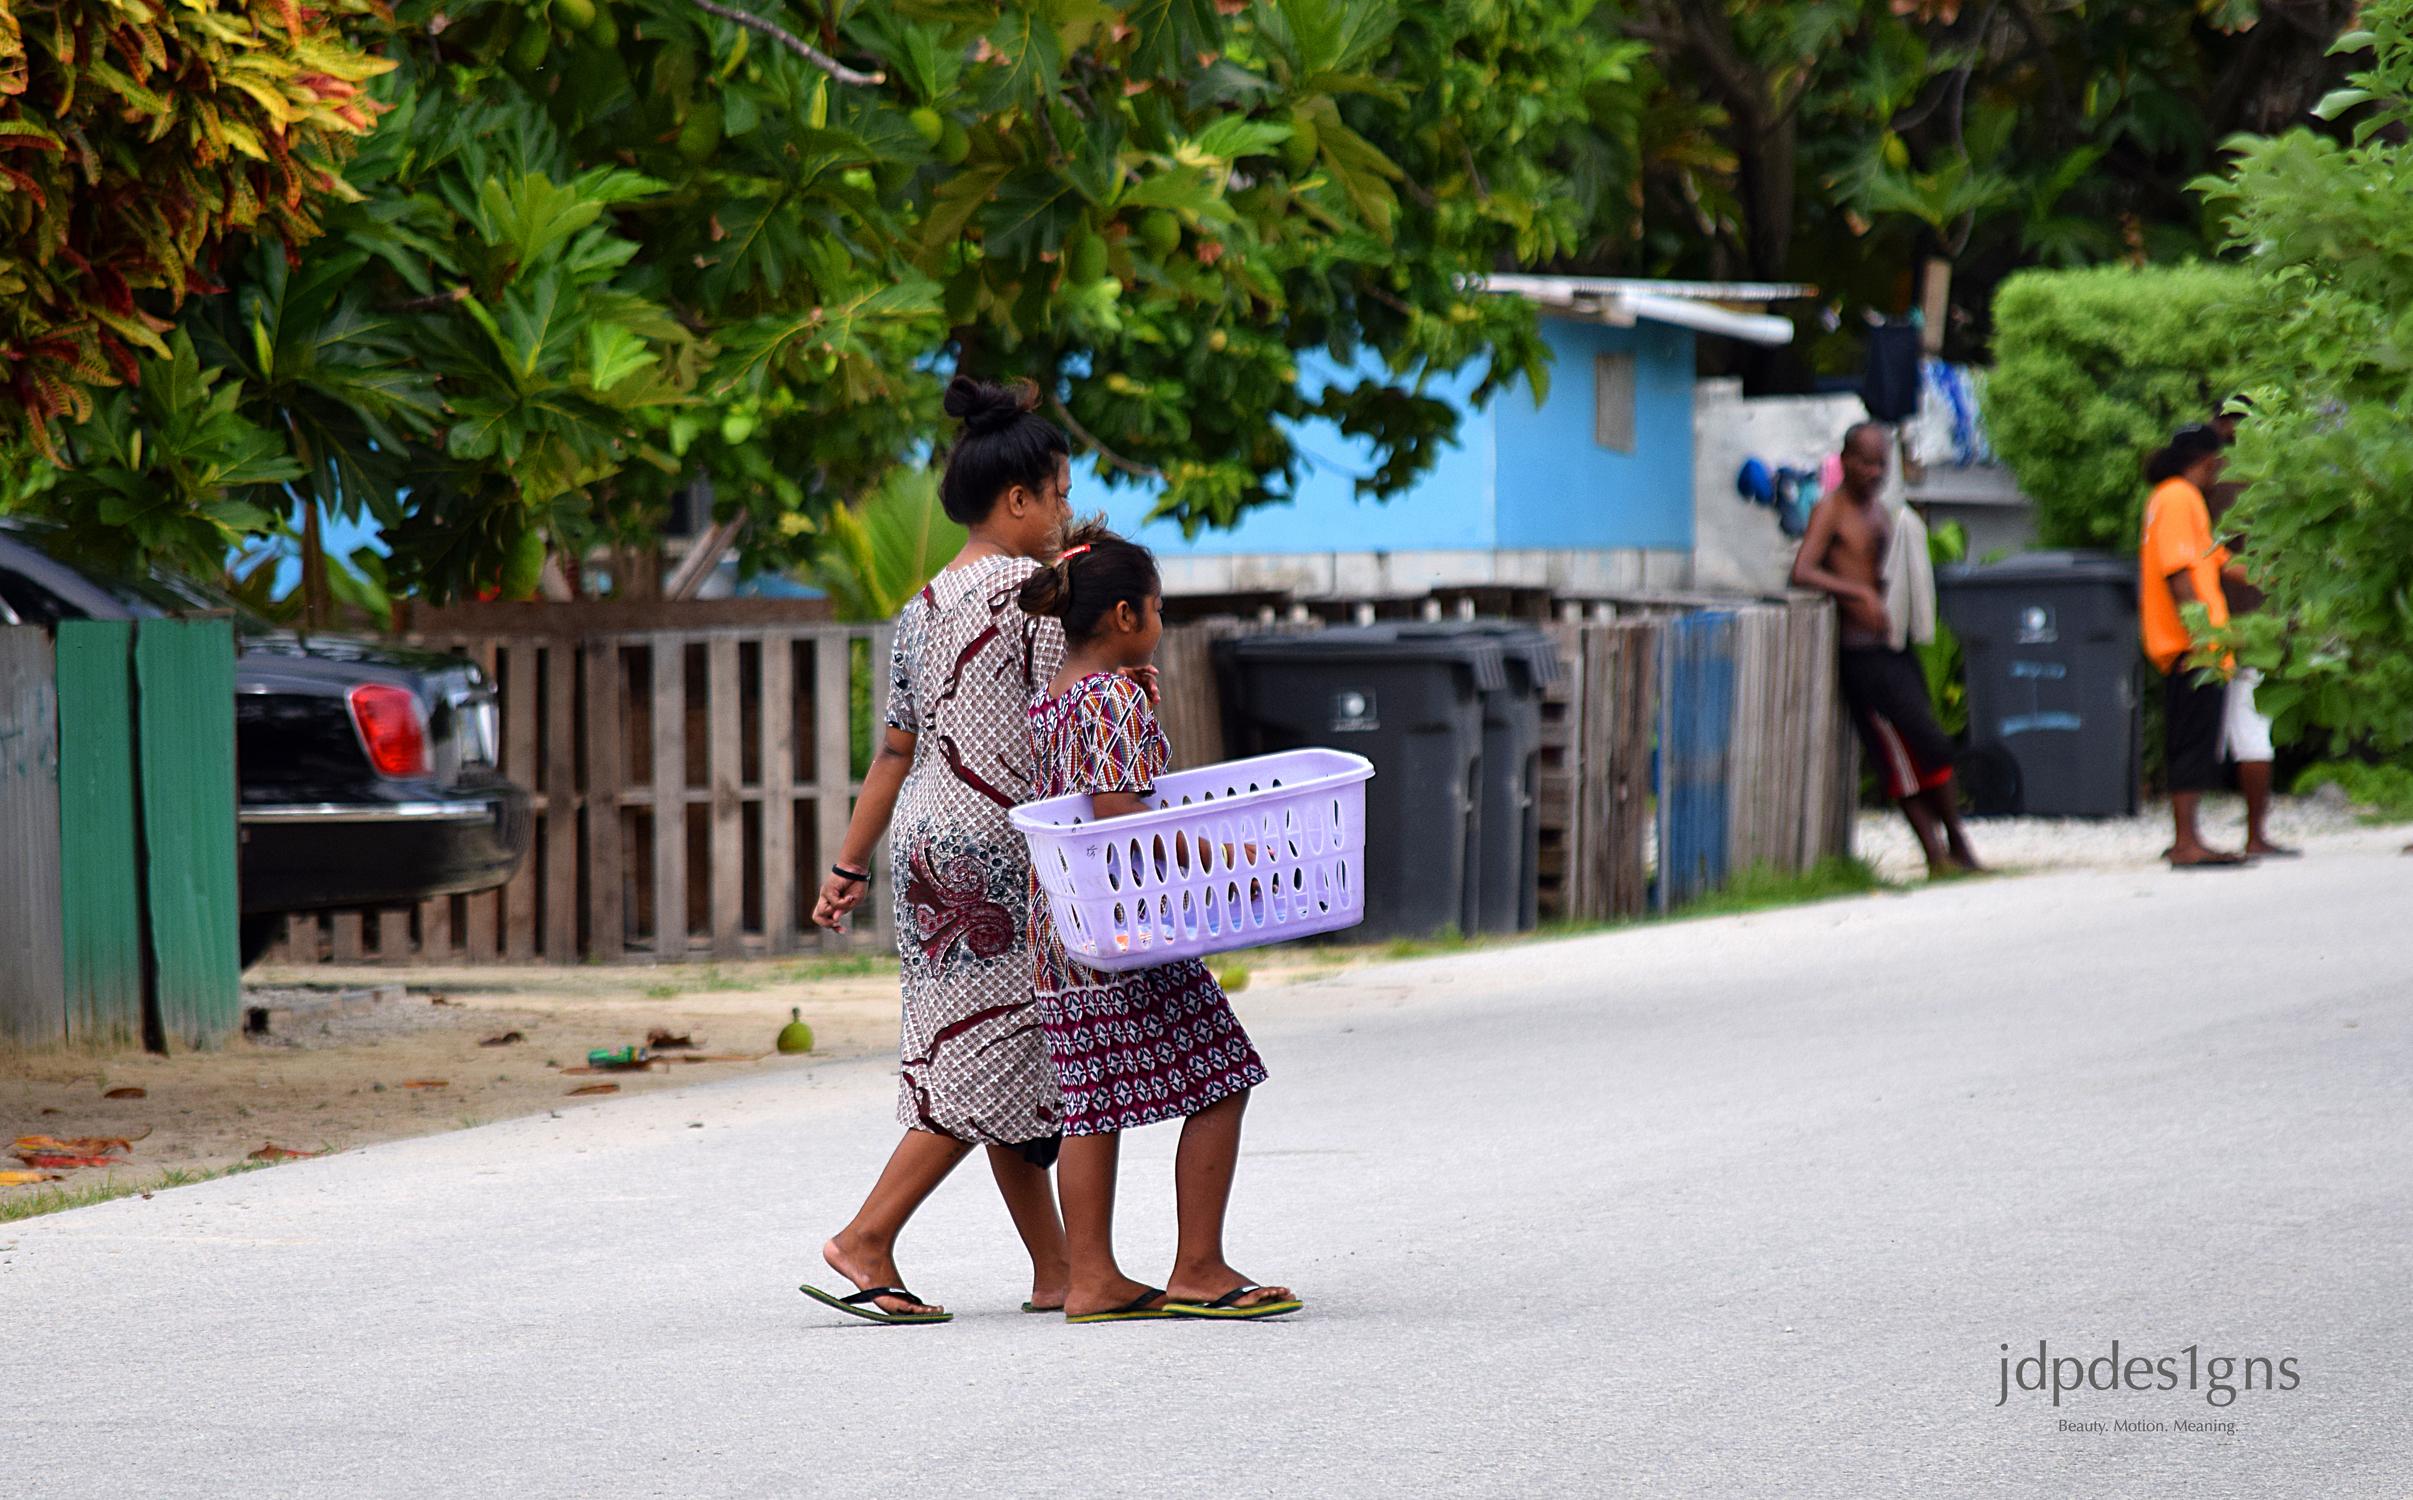 Laundry Basket Girl Resize.jpg